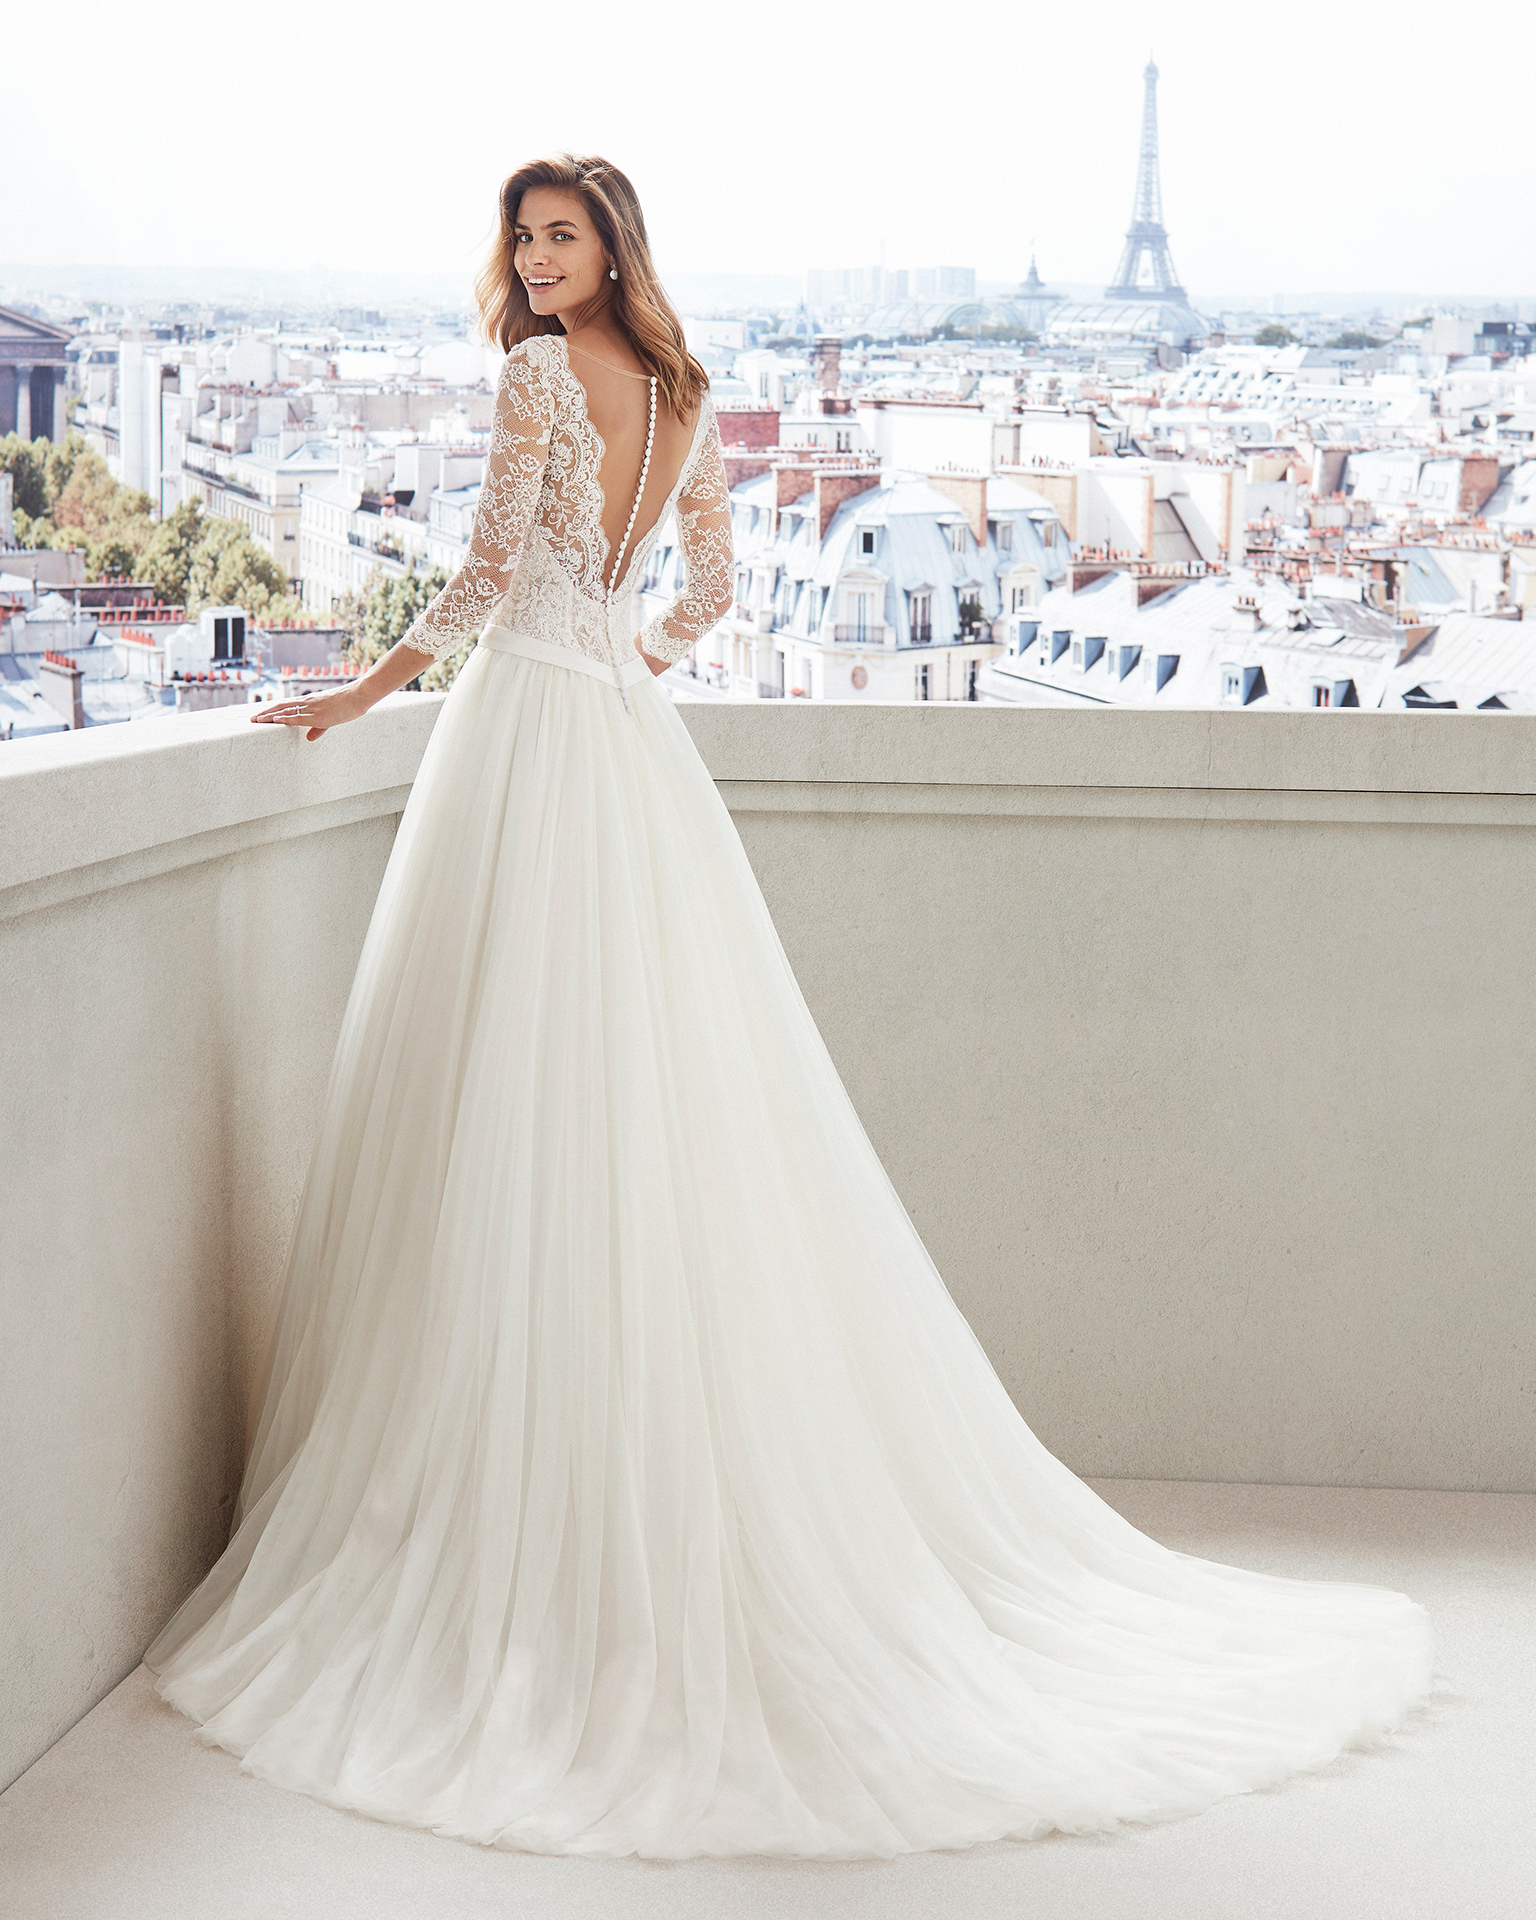 Vestido de novia estilo princesa en tul. Escote en V, manga larga y cuerpo de encaje pedrería . Disponible en color natural y en marfil. Colección  2019.